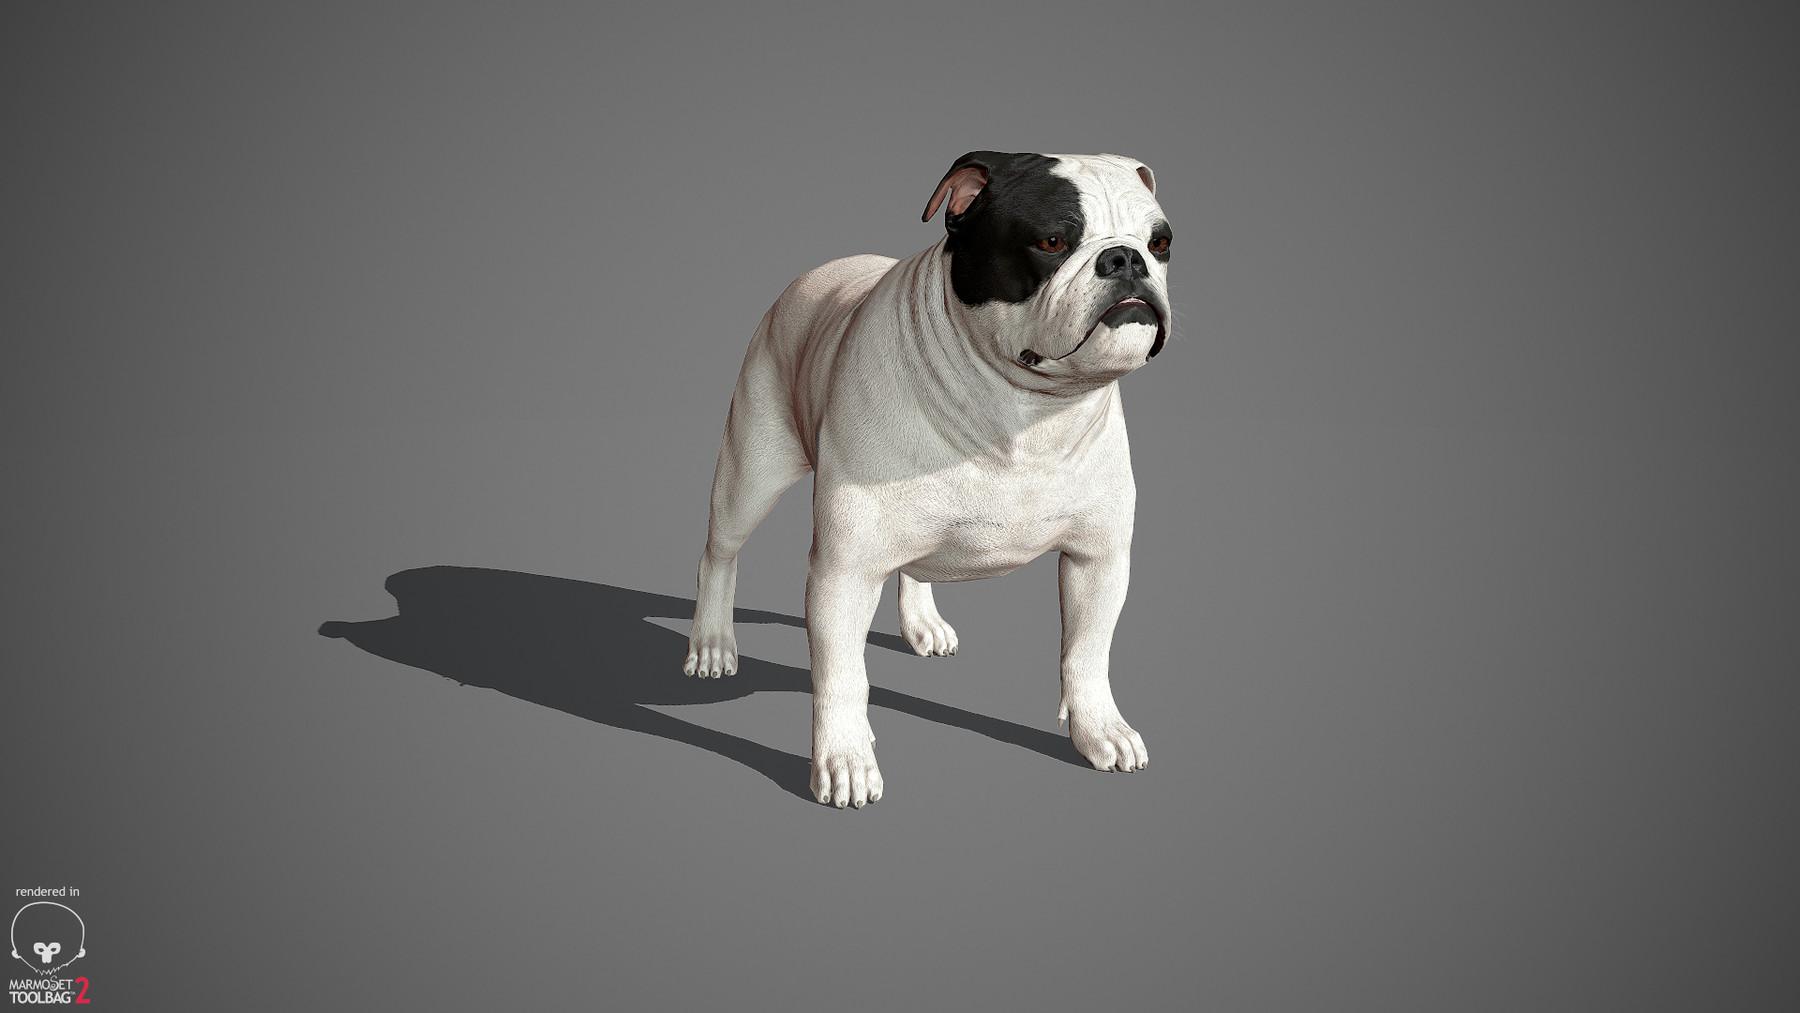 Englishbulldog by alexlashko marmoset 34